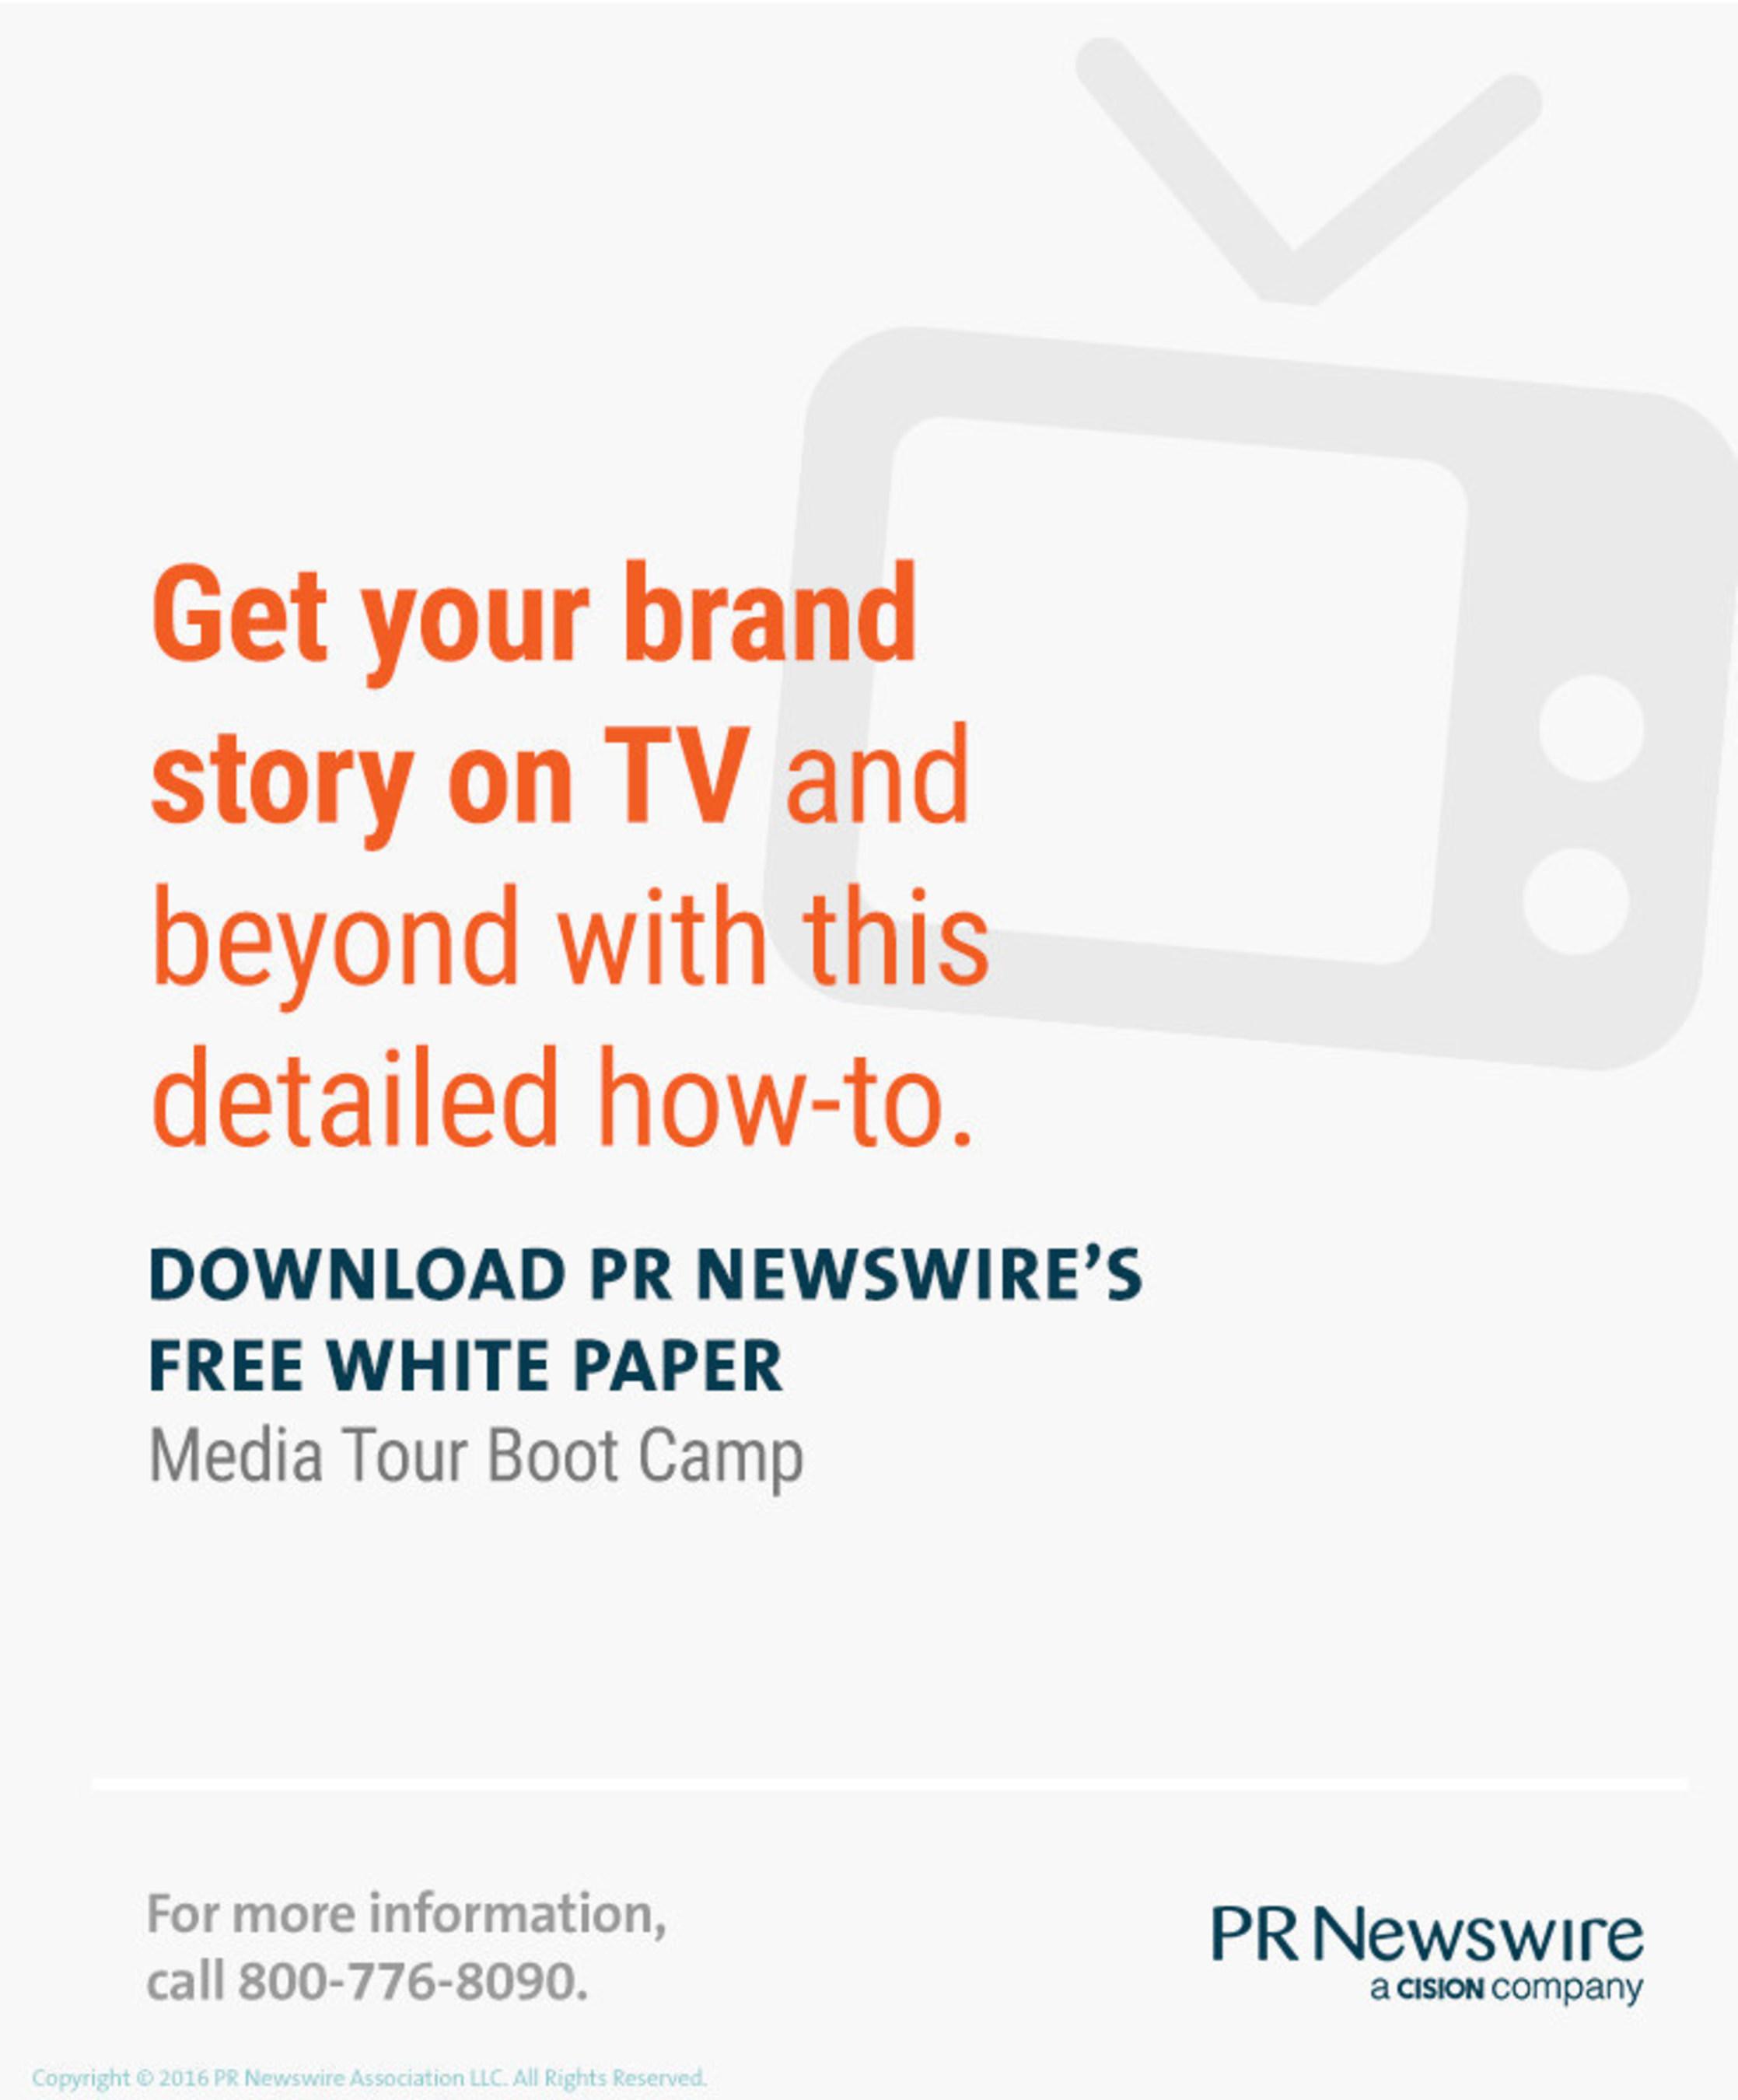 Media Tour Boot Camp